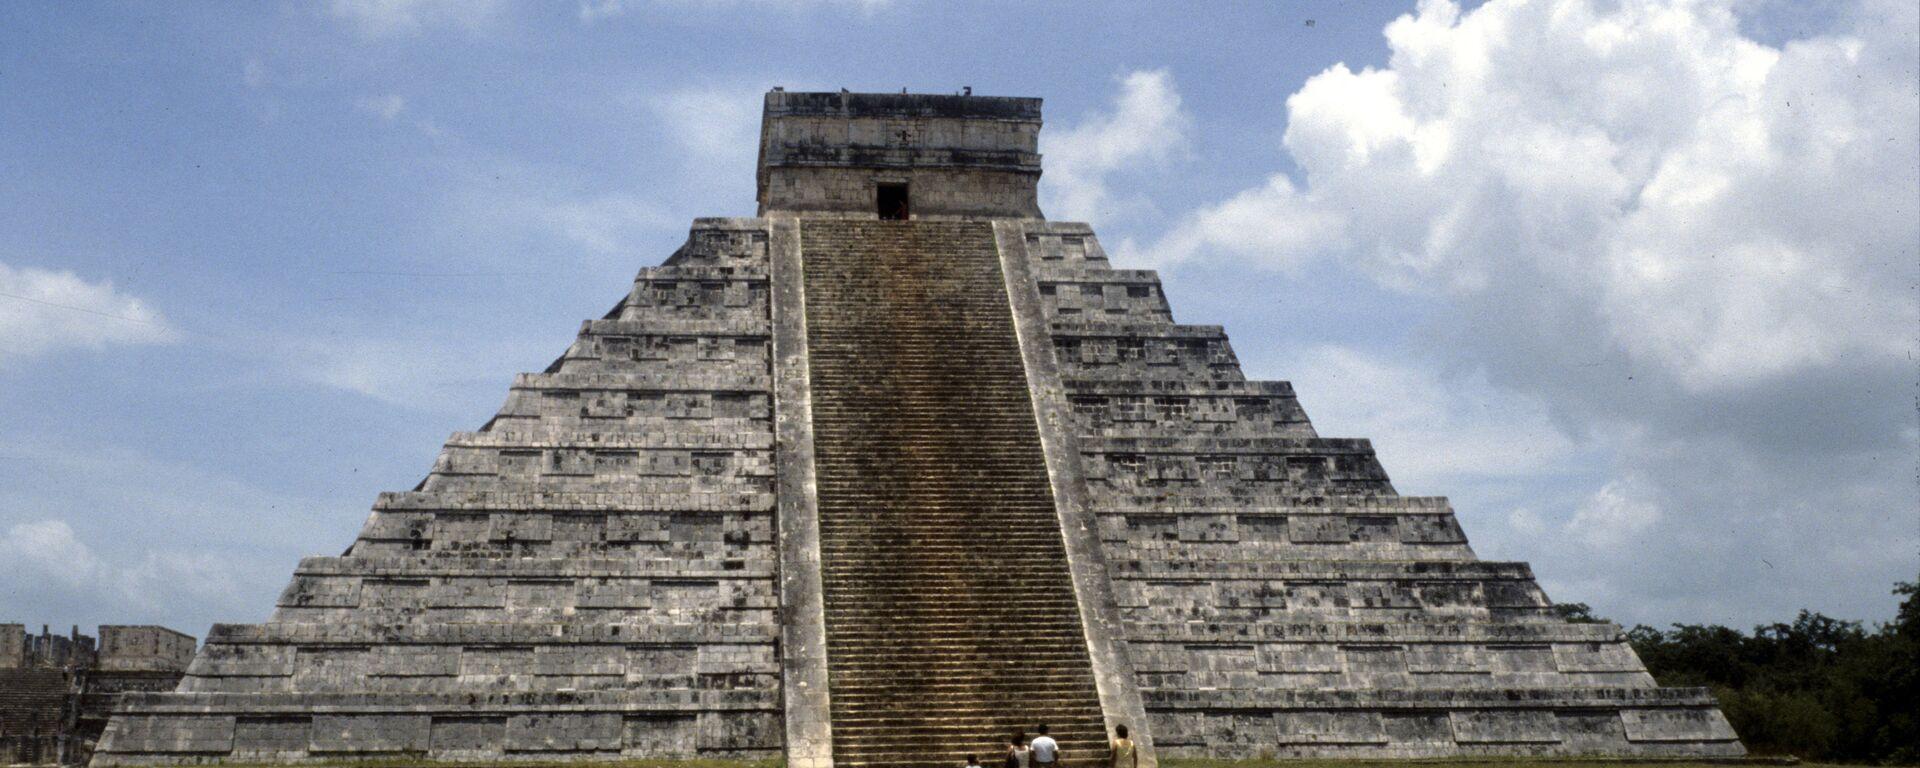 El templo de Kukulcán, en Chichén Itzá, uno de los complejos arqueológicos mayas más importantes de México - Sputnik Mundo, 1920, 02.06.2020